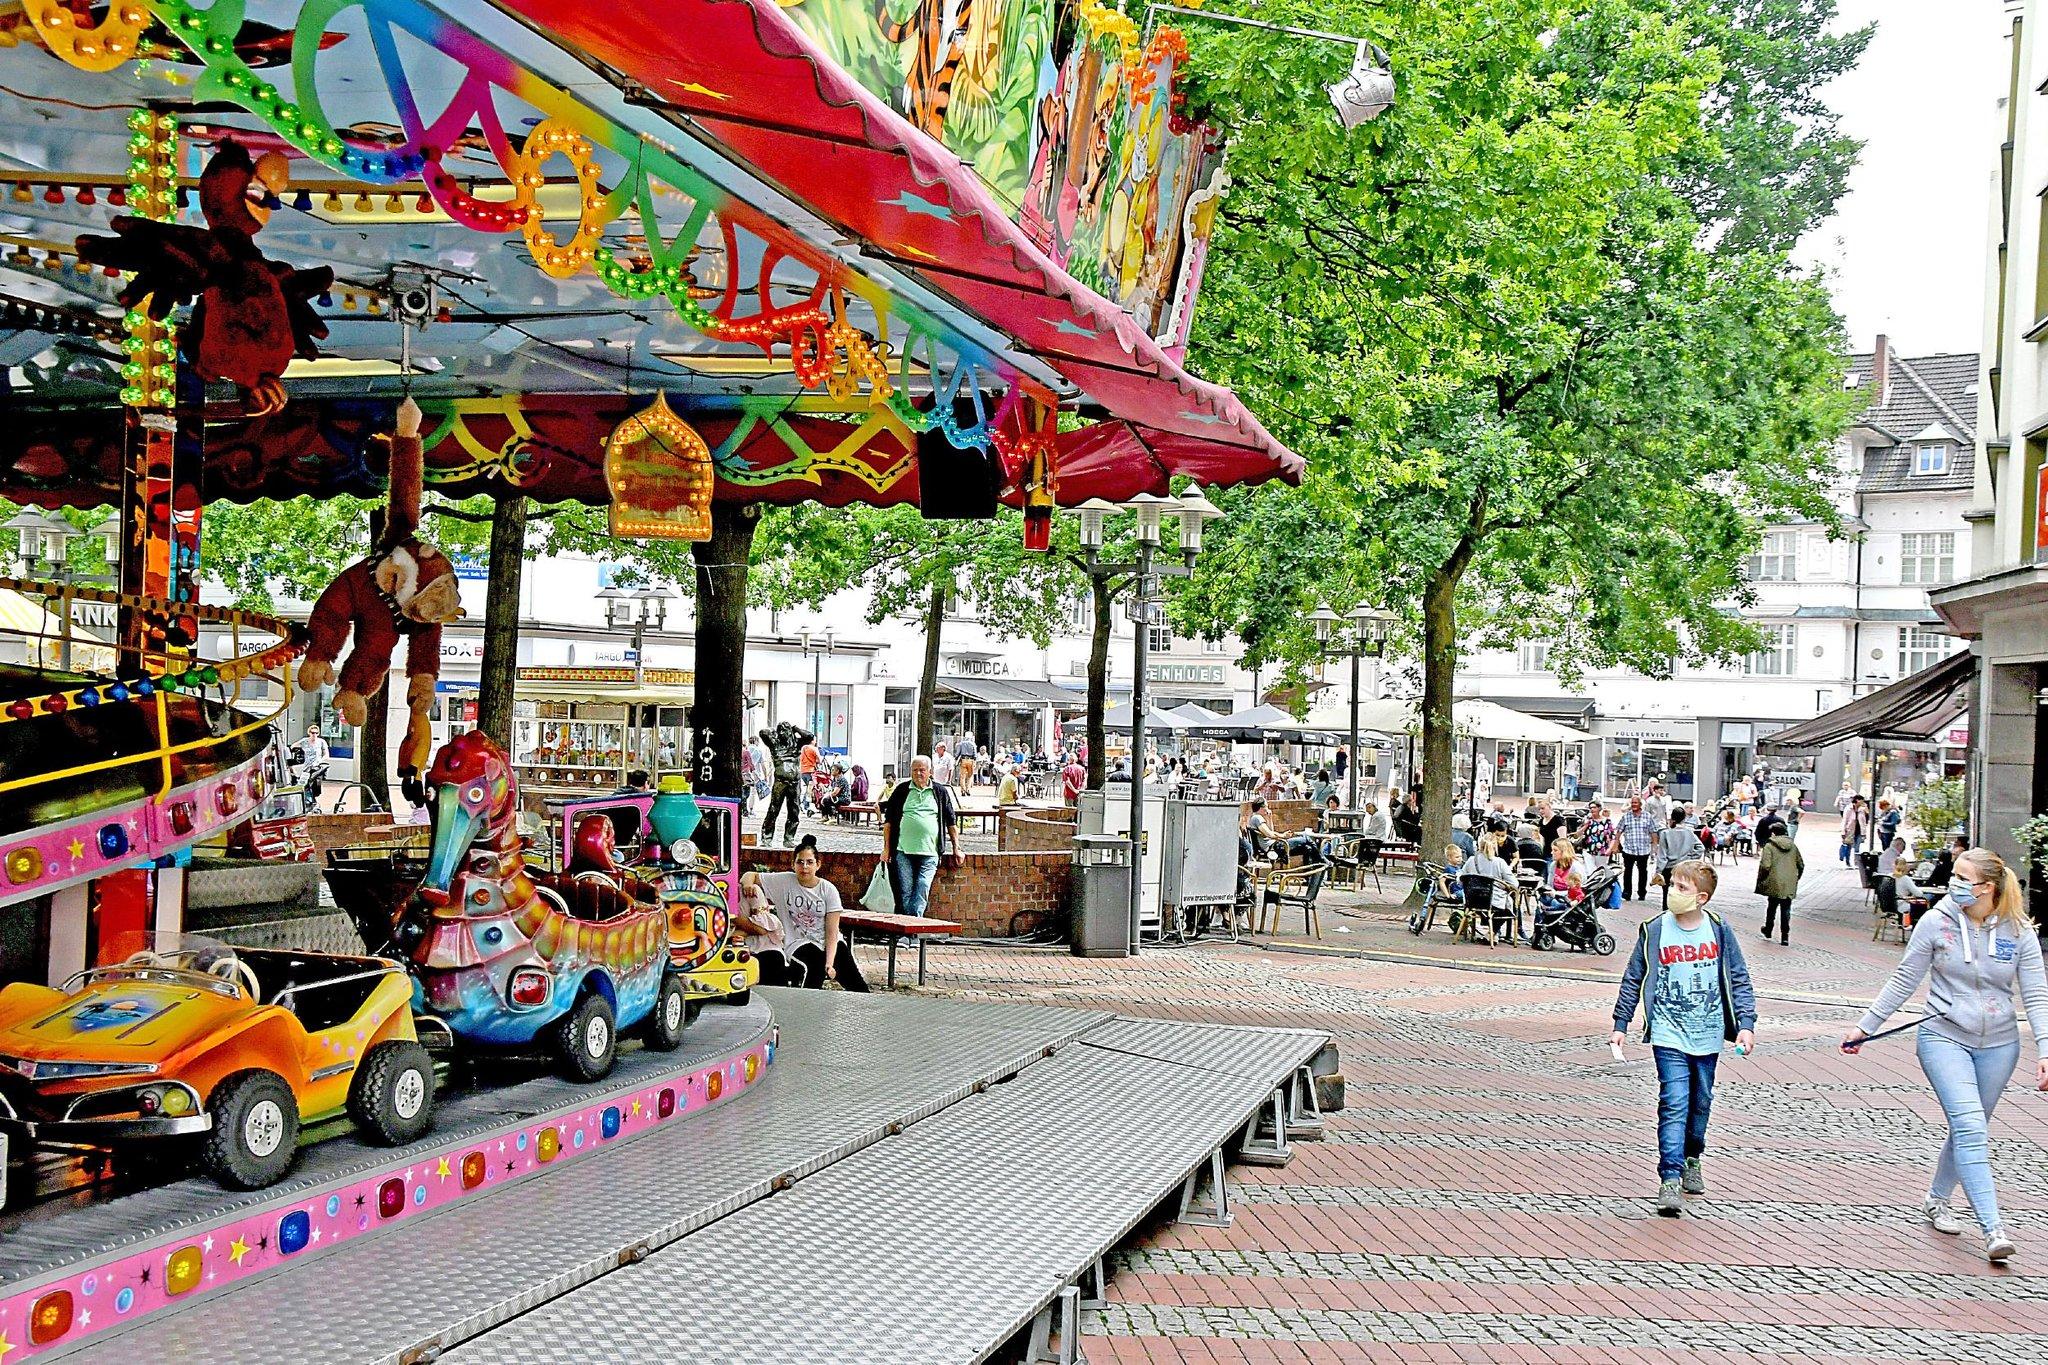 Sommer in Essen-Steele: Karussells und Riesenrad - Essen